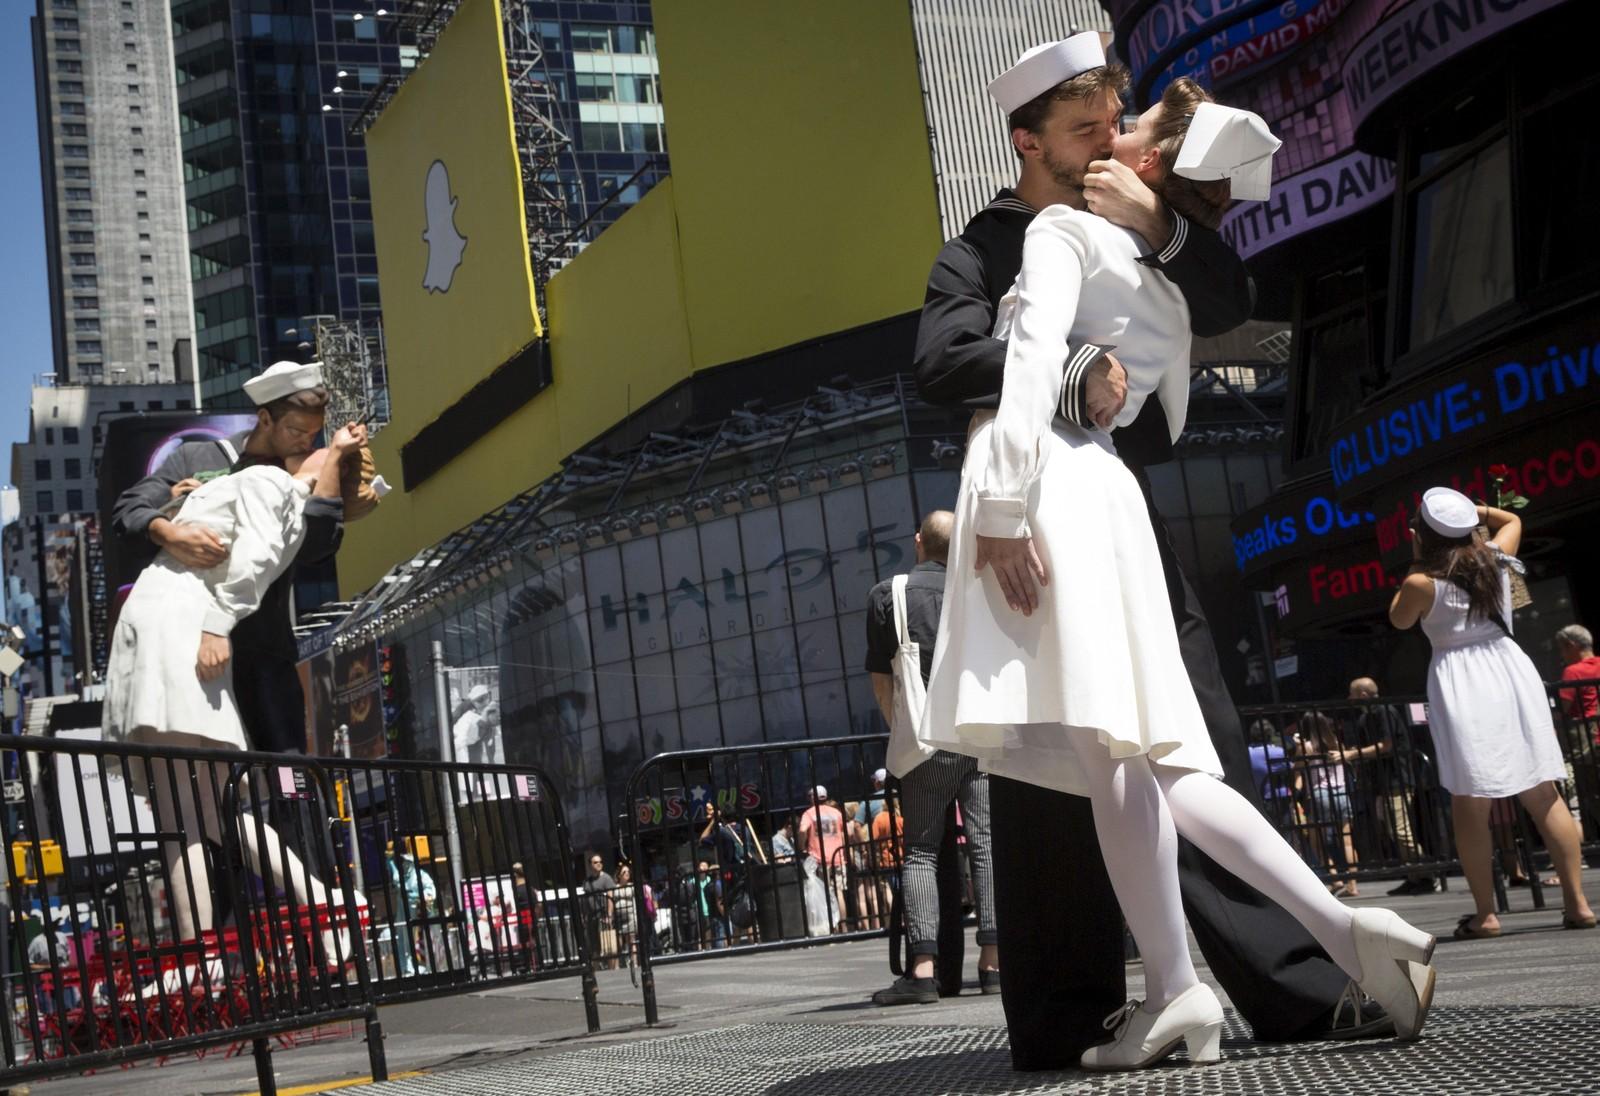 Skuespillere gjenskapte denne uka det legendariske bildet tatt på Times Square i New York i 1945, da seieren over Japan var et faktum.